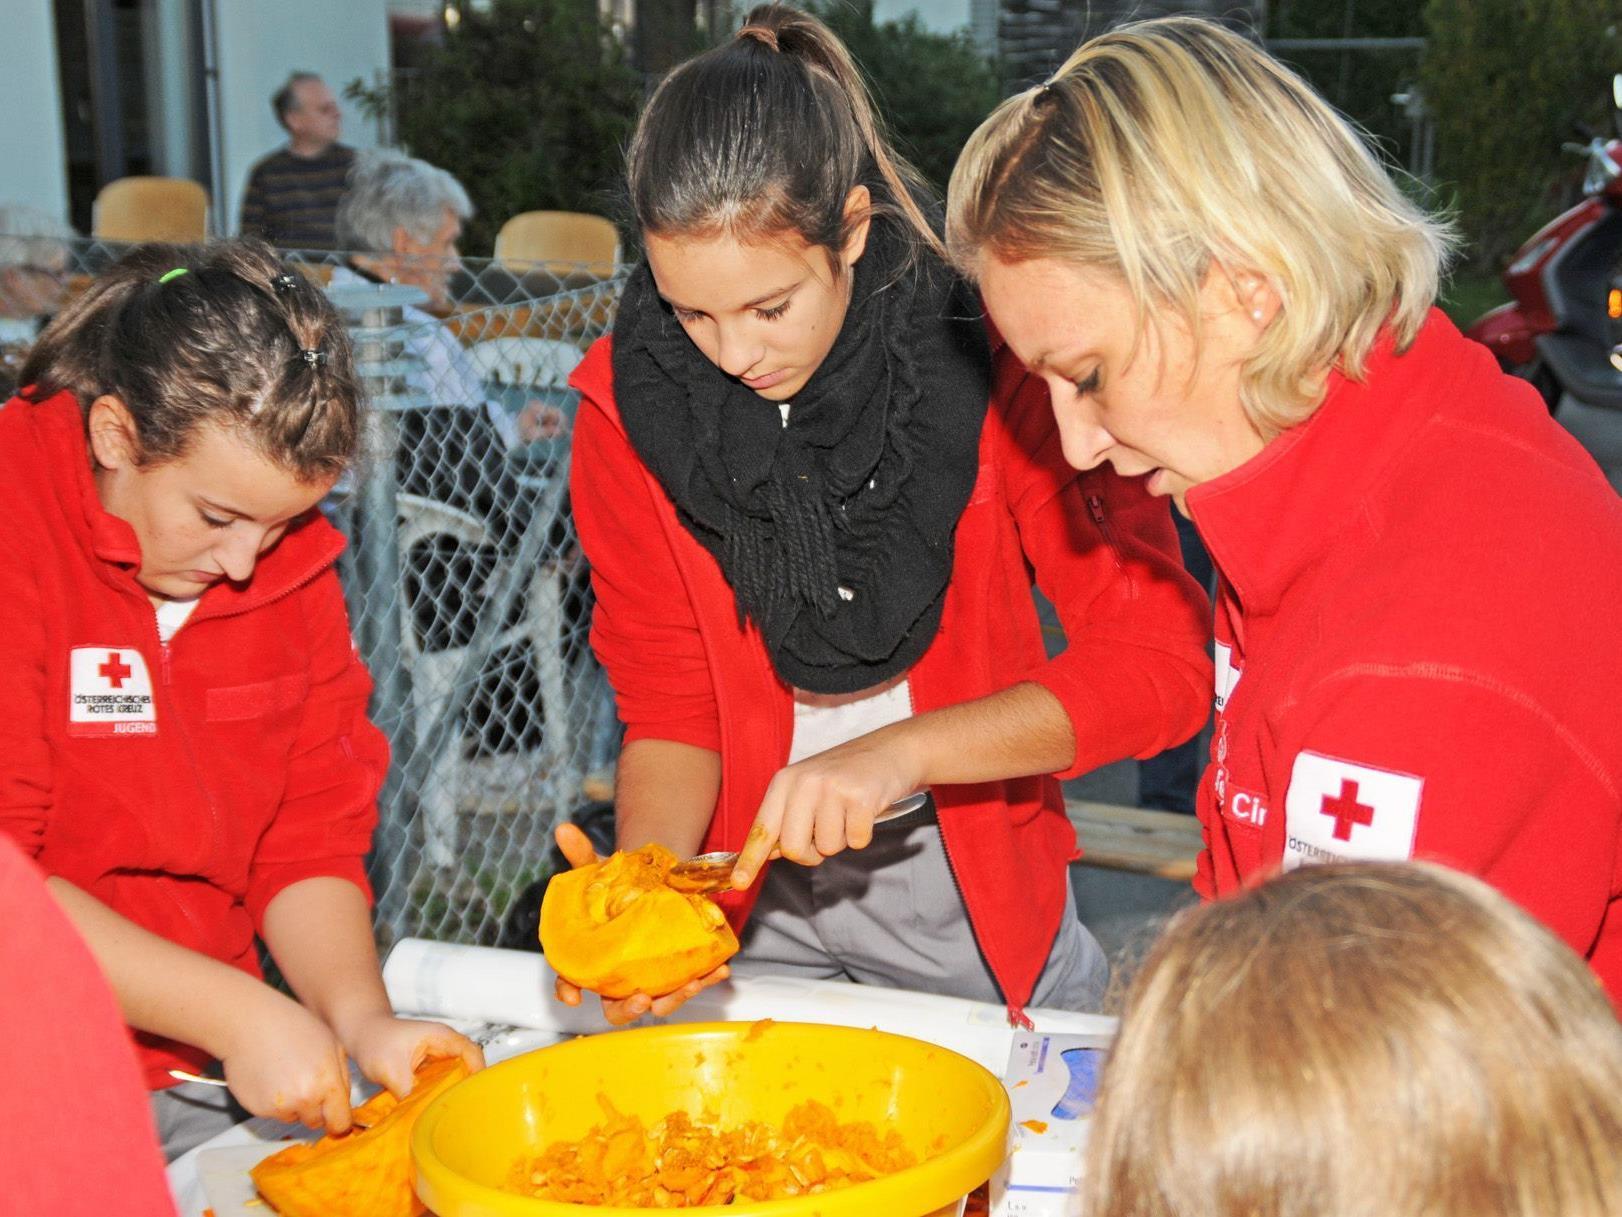 Mitglieder der Rotkreuz Jugend Hard bereiten die Kürbisse für das Menü bei der Lebenshilfe vor.